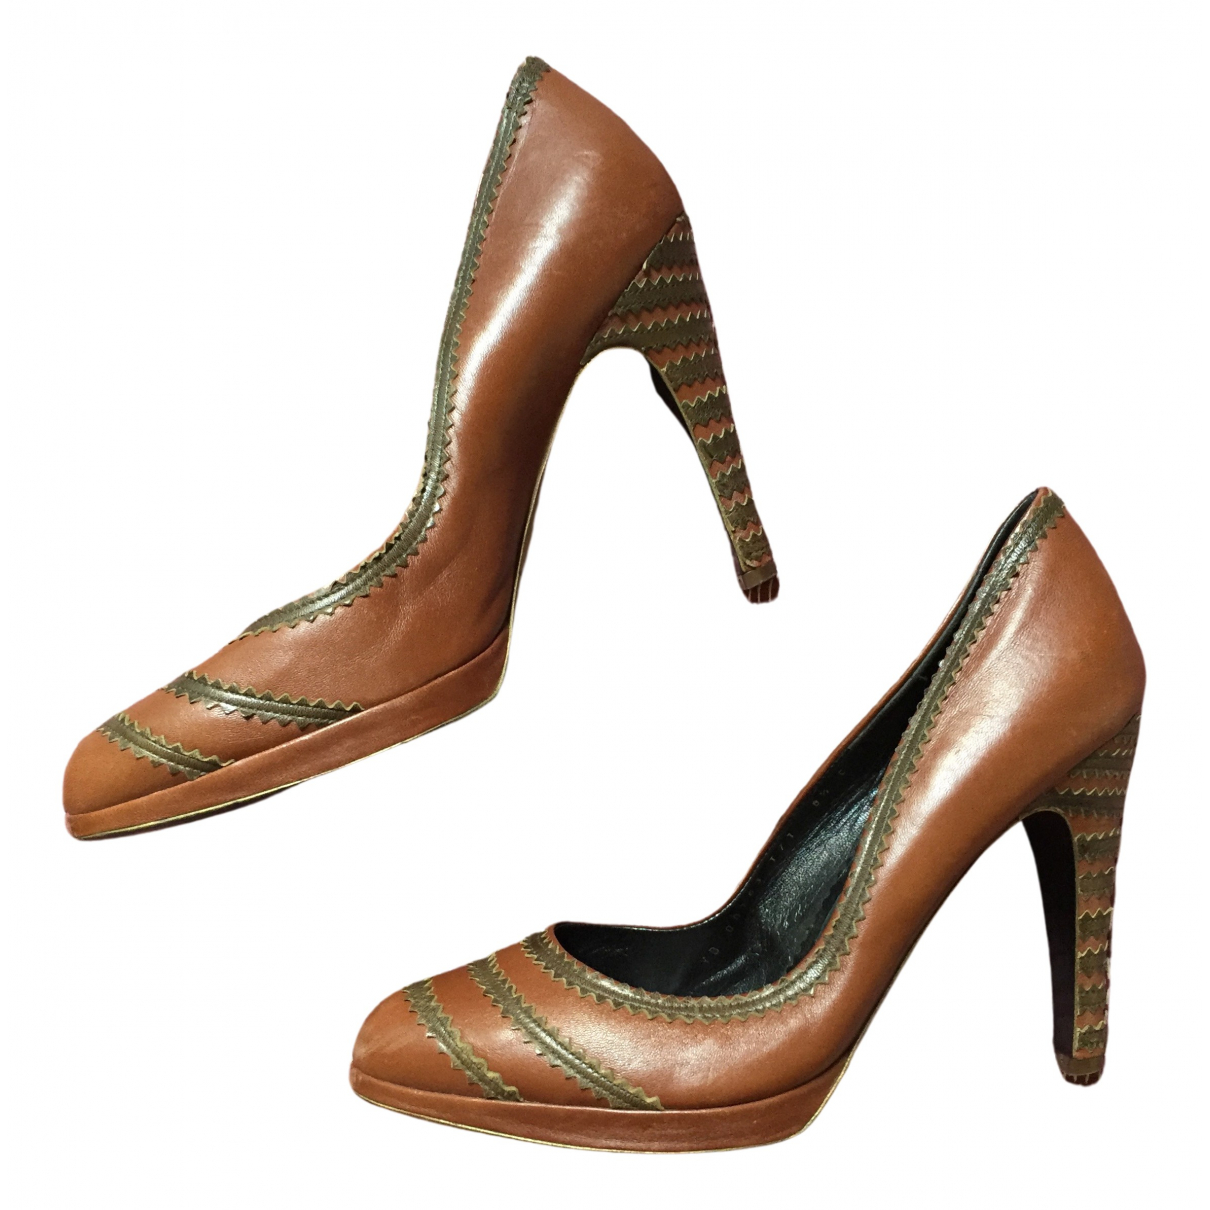 Salvatore Ferragamo N Brown Leather Heels for Women 8.5 UK